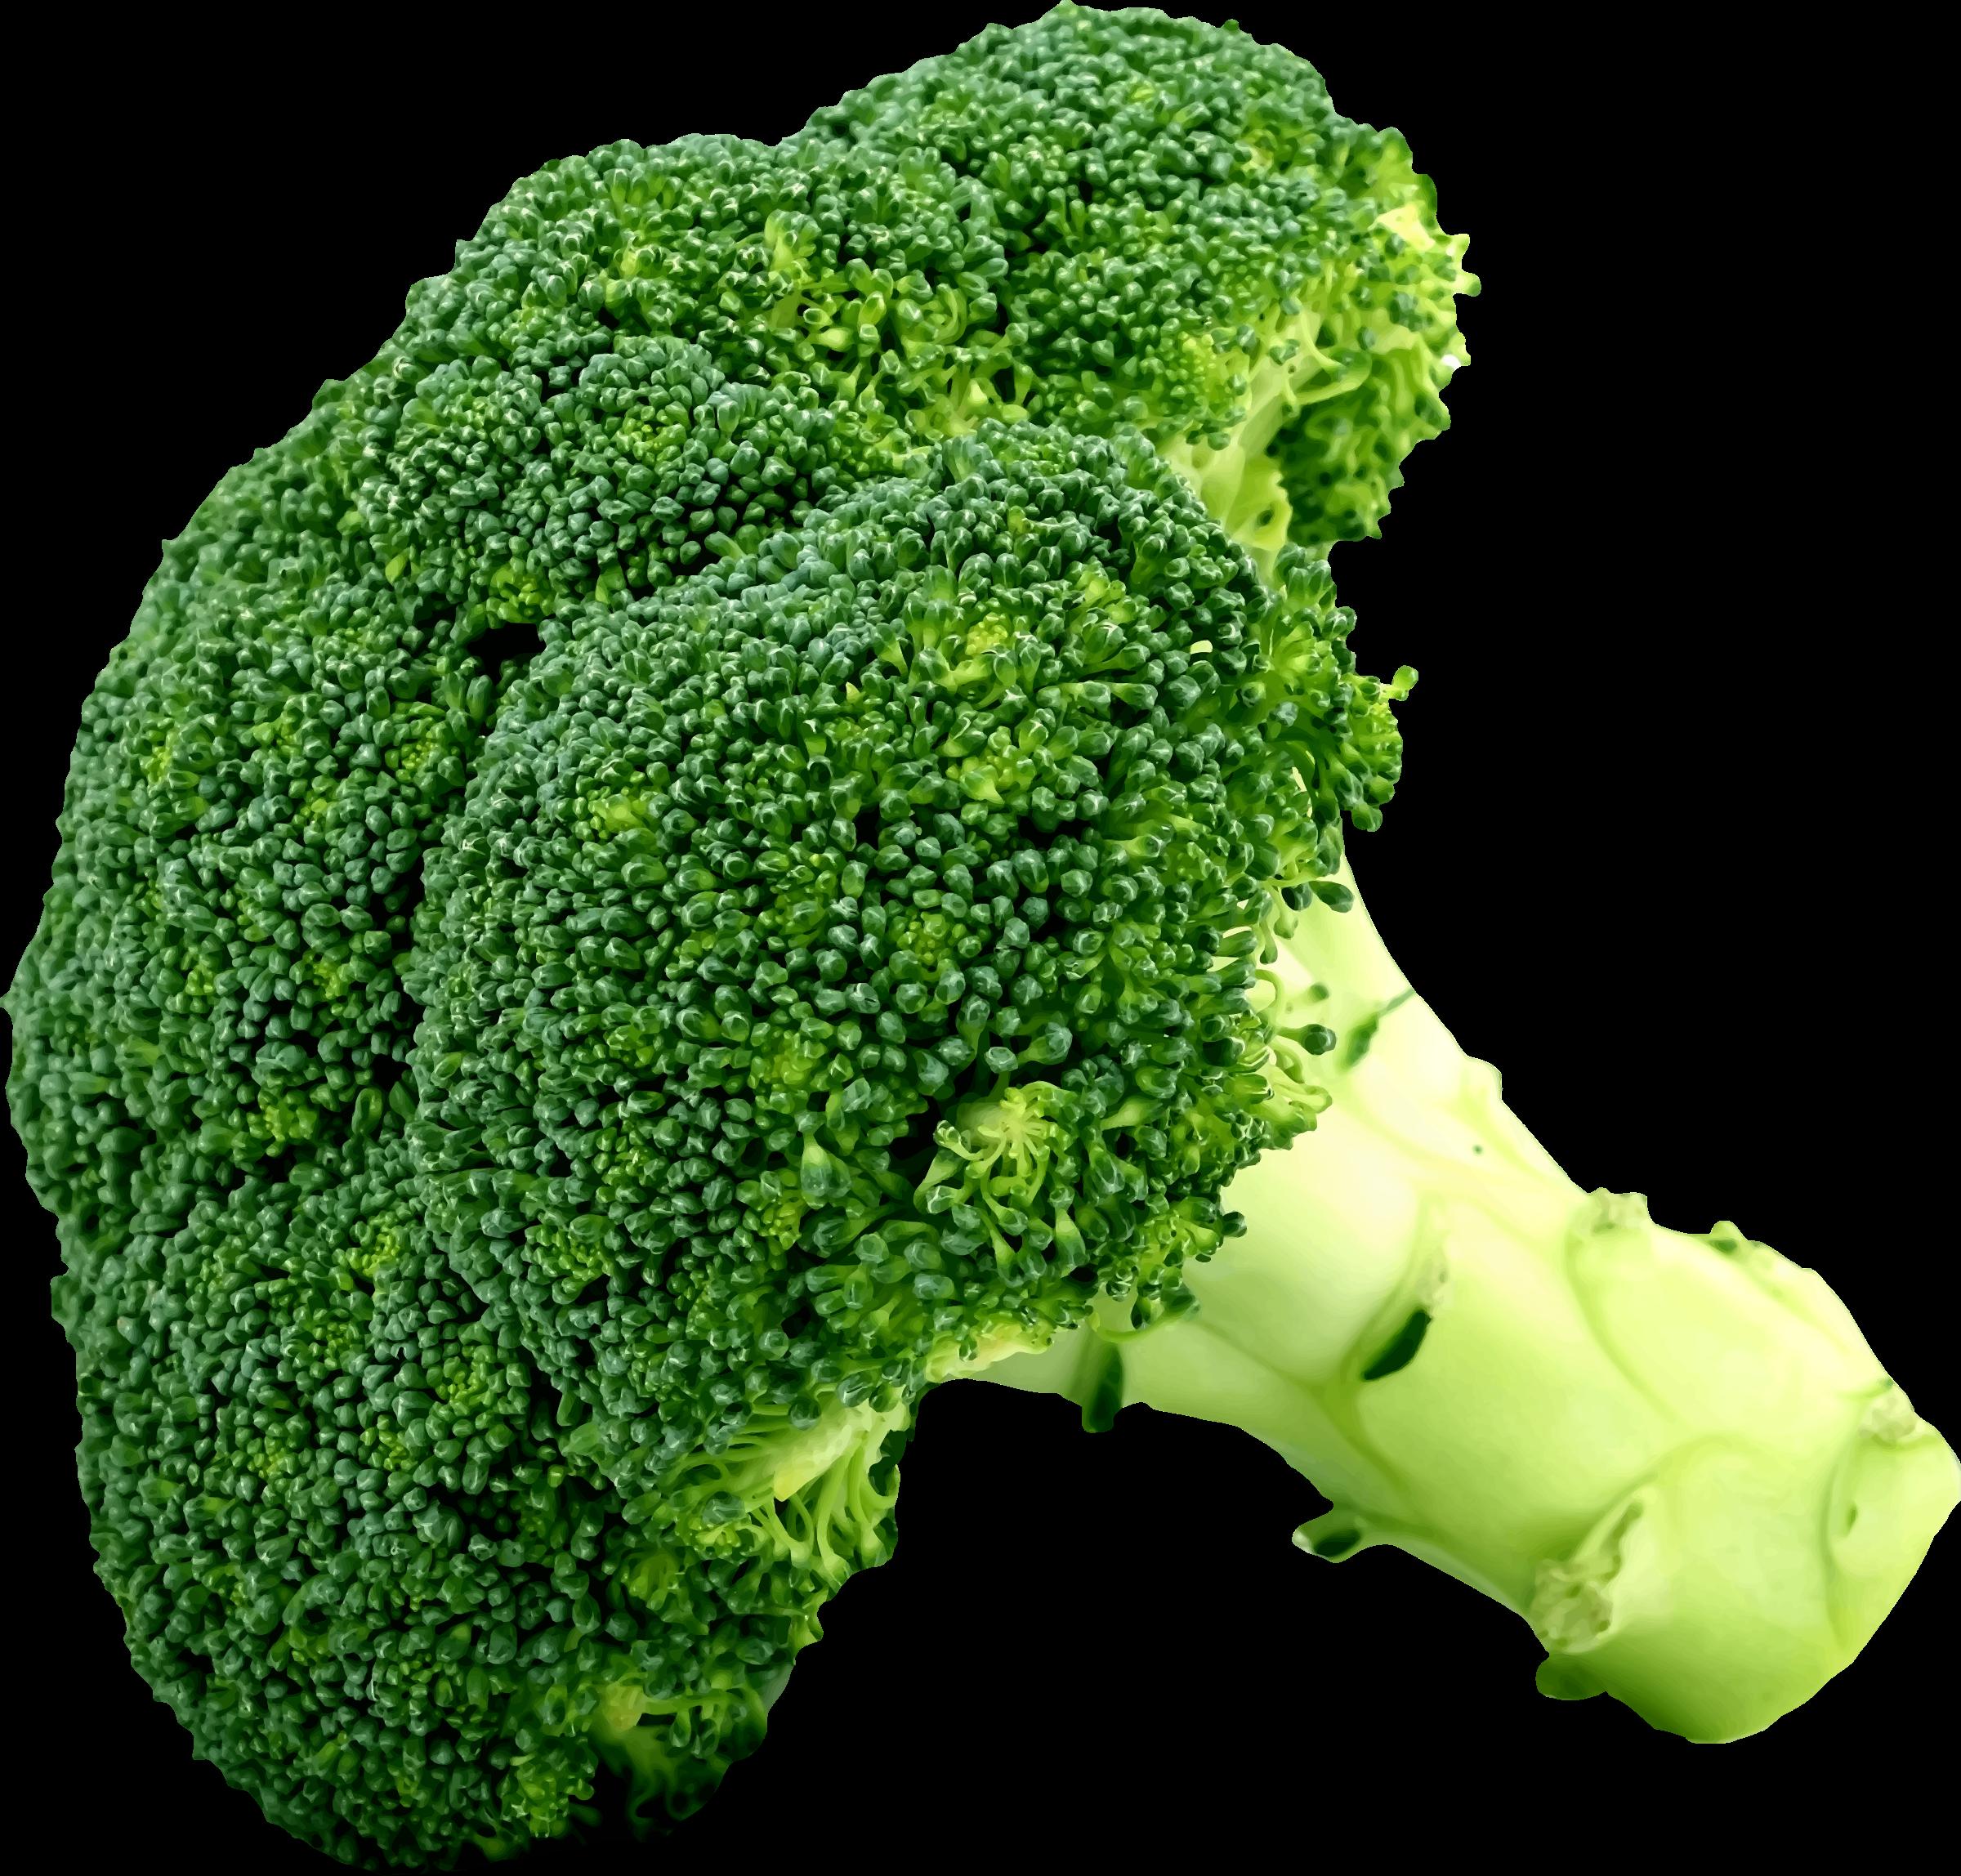 Broccoli clipart. Big image png